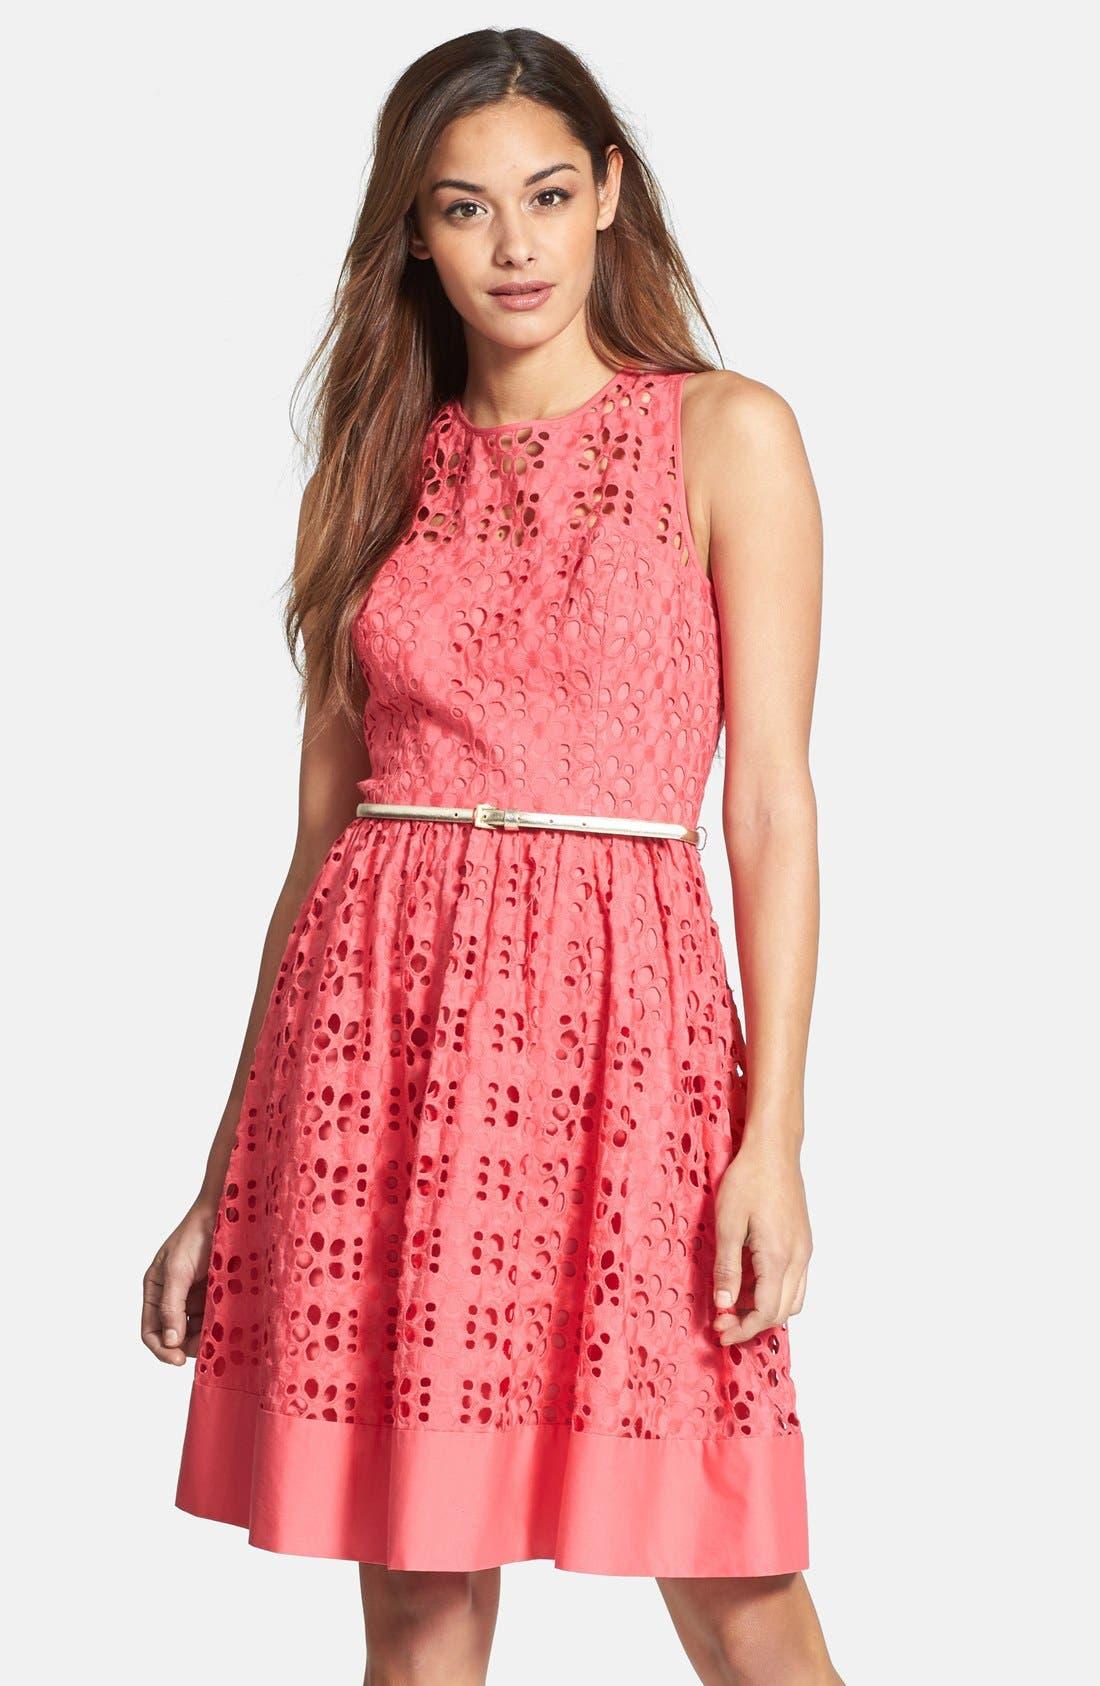 Alternate Image 1 Selected - Eliza J Cotton Eyelet Belted Fit & Flare Dress (Regular & Petite)